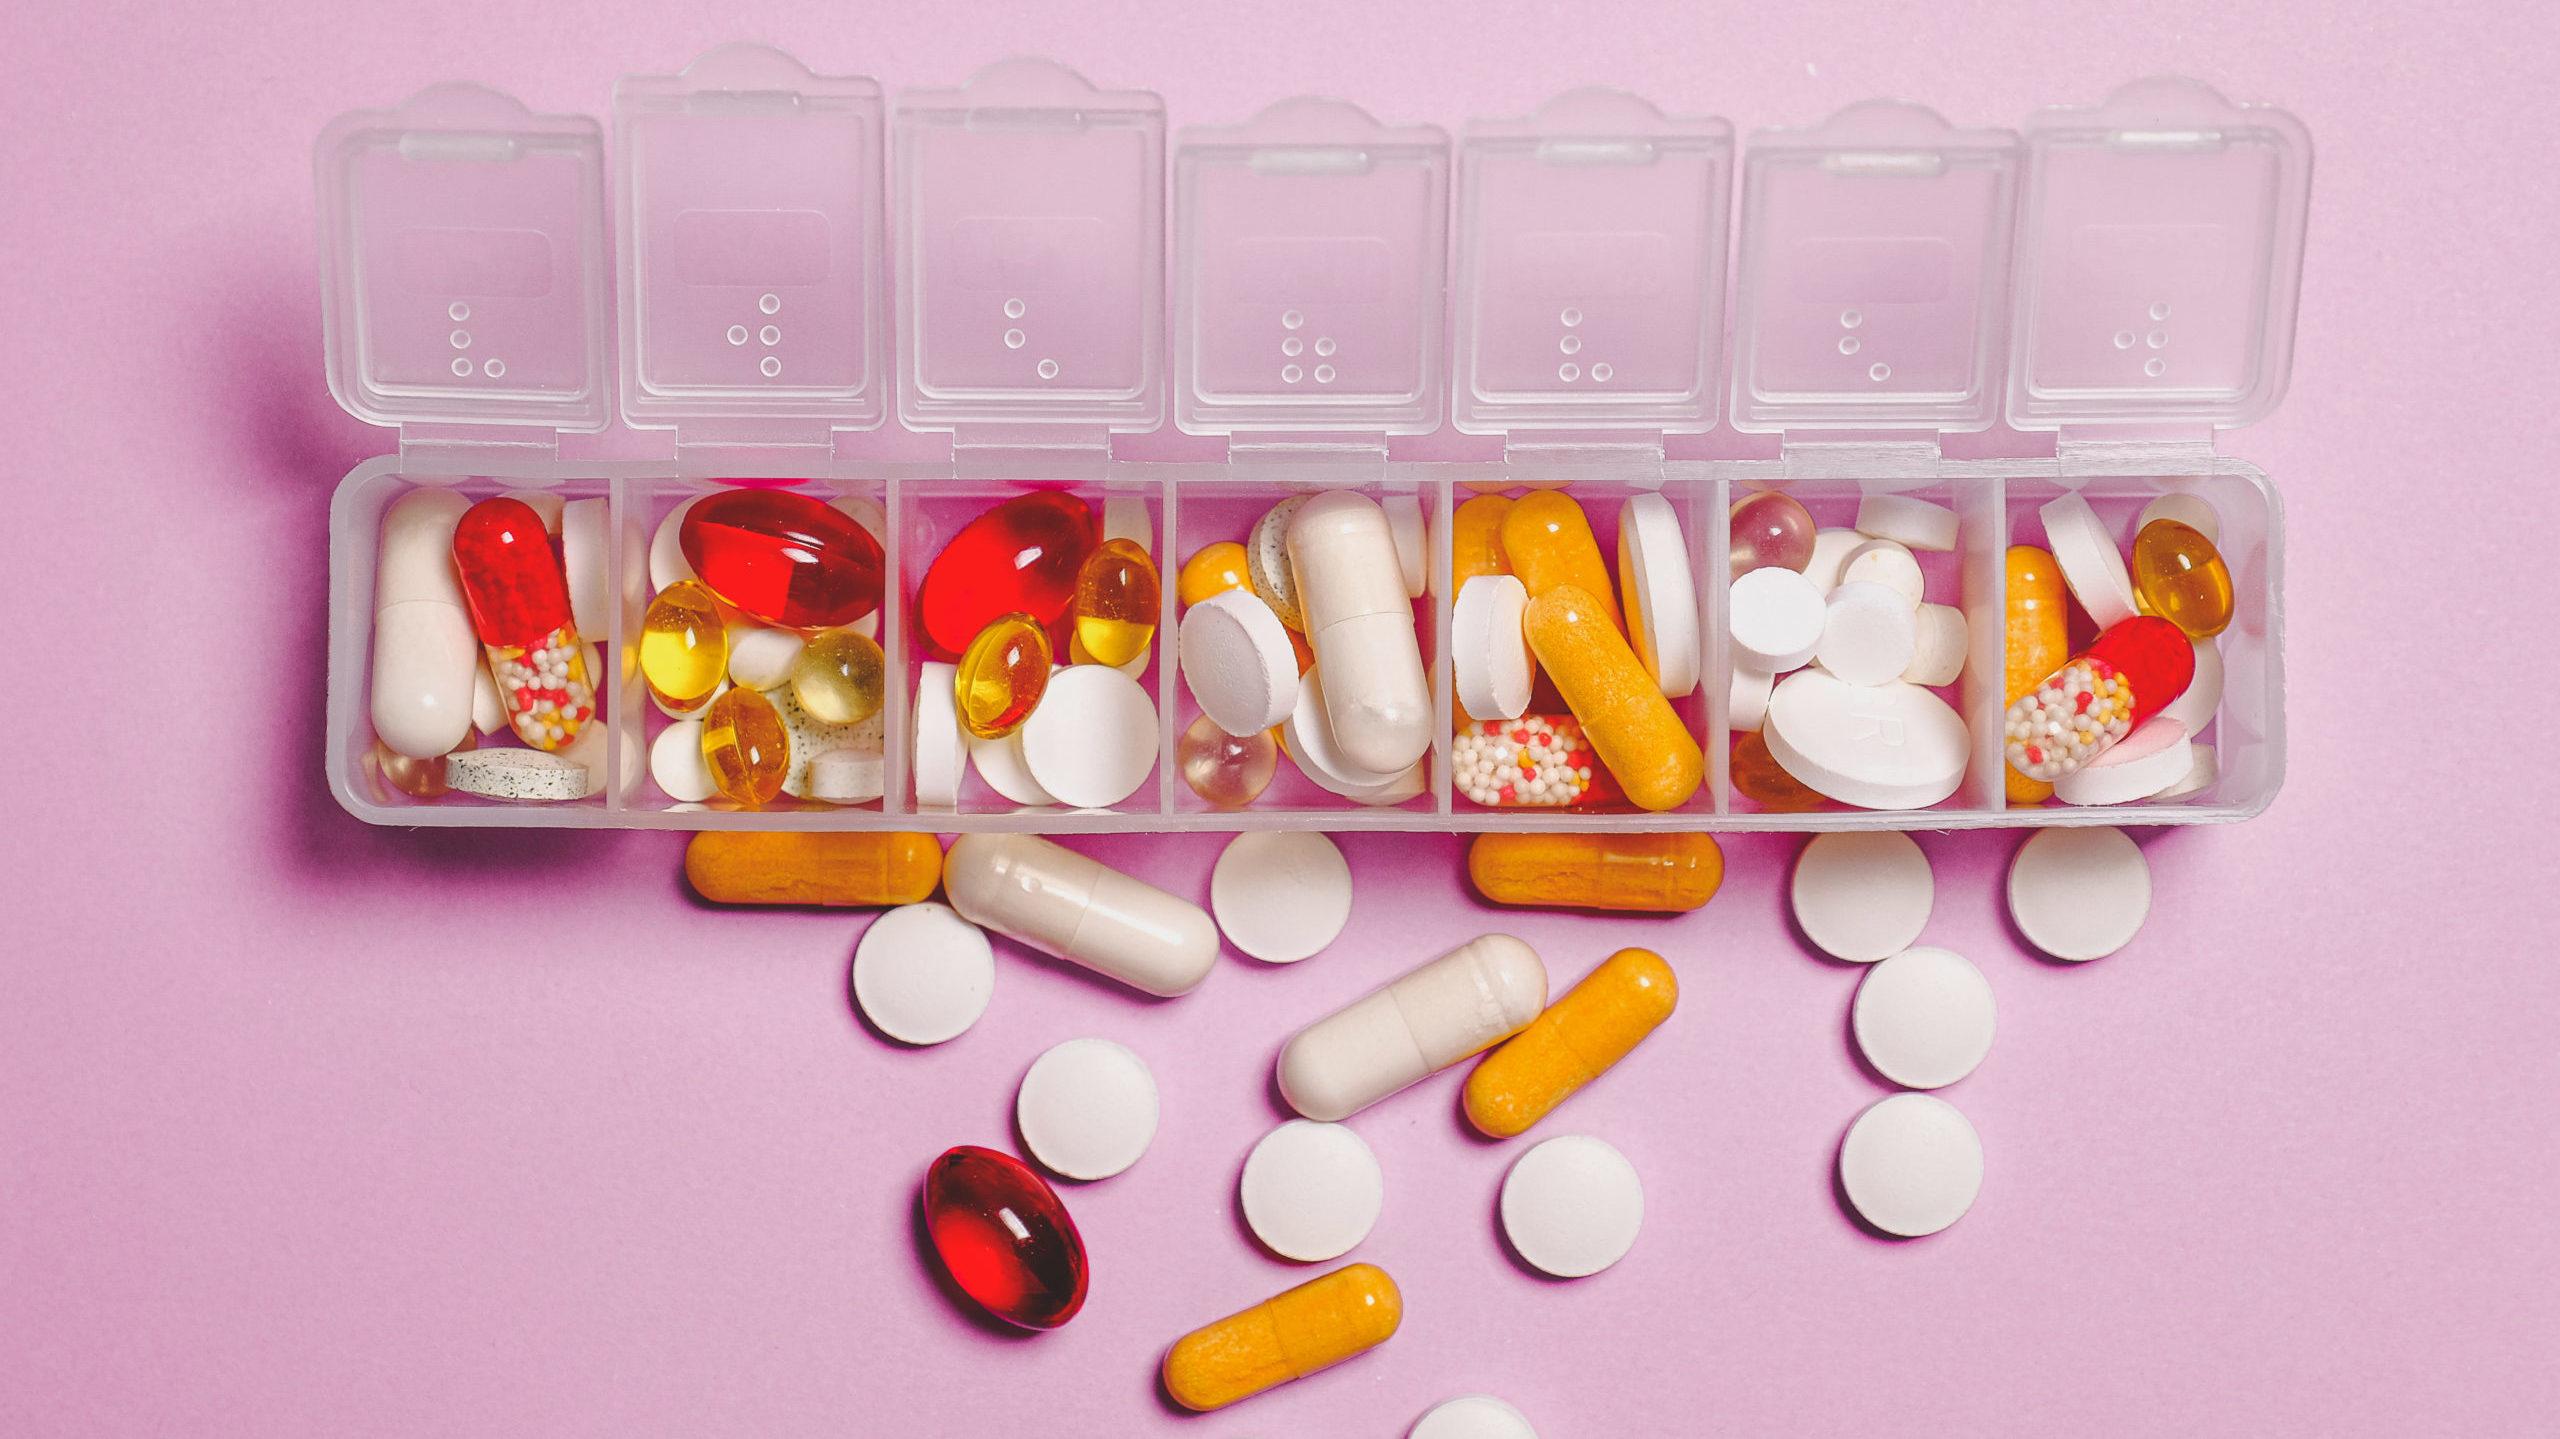 HIV: New paediatric antiretroviral